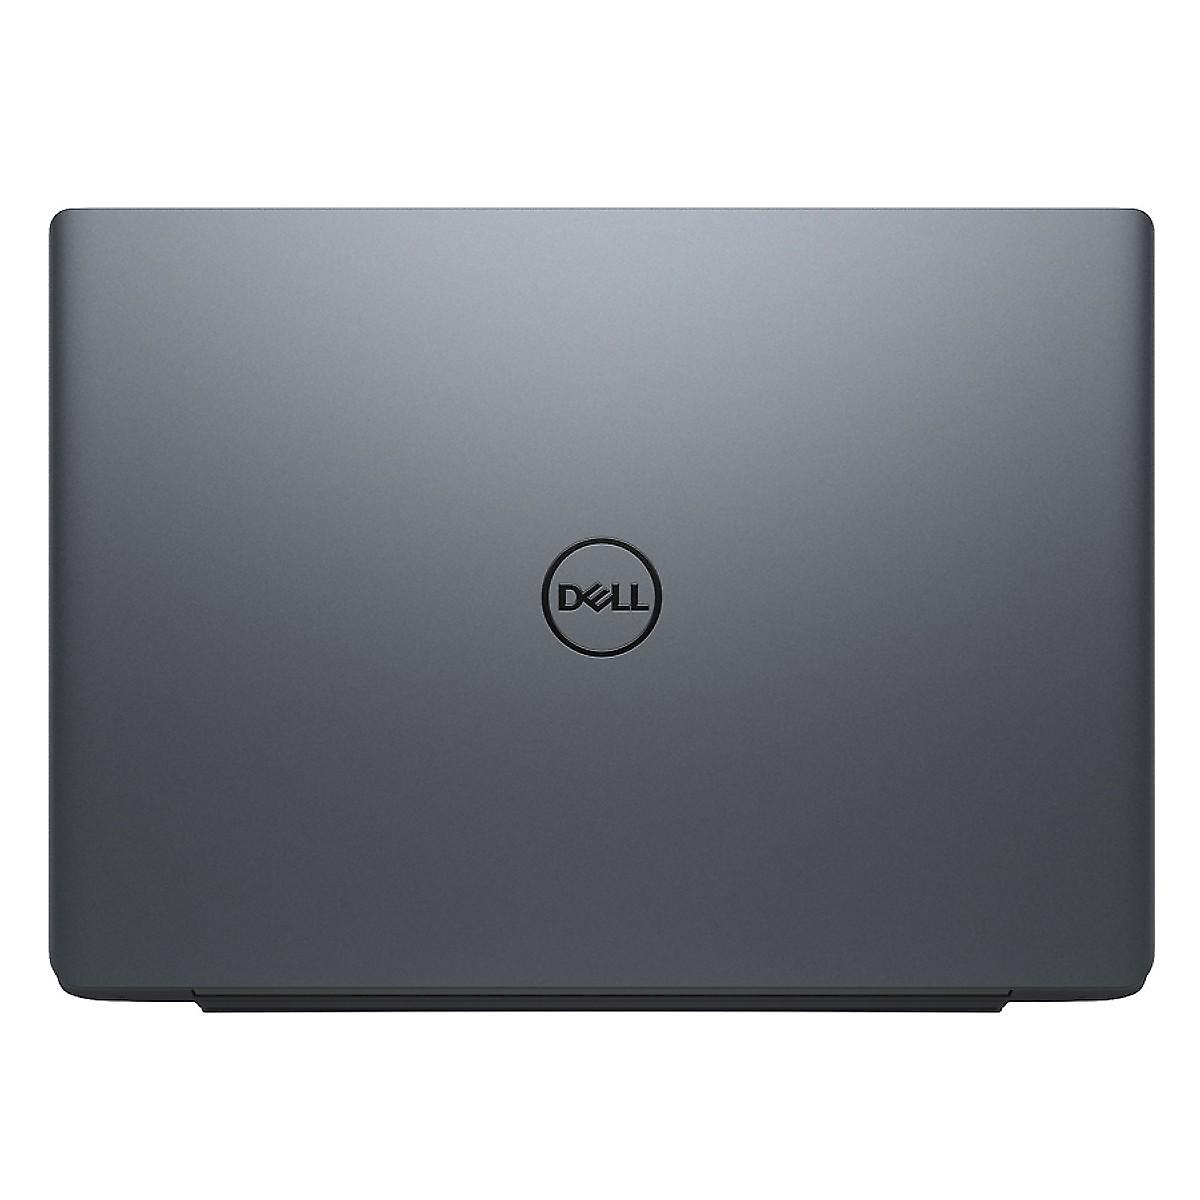 """Dell Vostro 5481 V4I5229W S1 I5 8265U 8GB 1TB + 128GB SSD 14""""FHD W10 Urban Gray - Hàng Chính Hãng"""